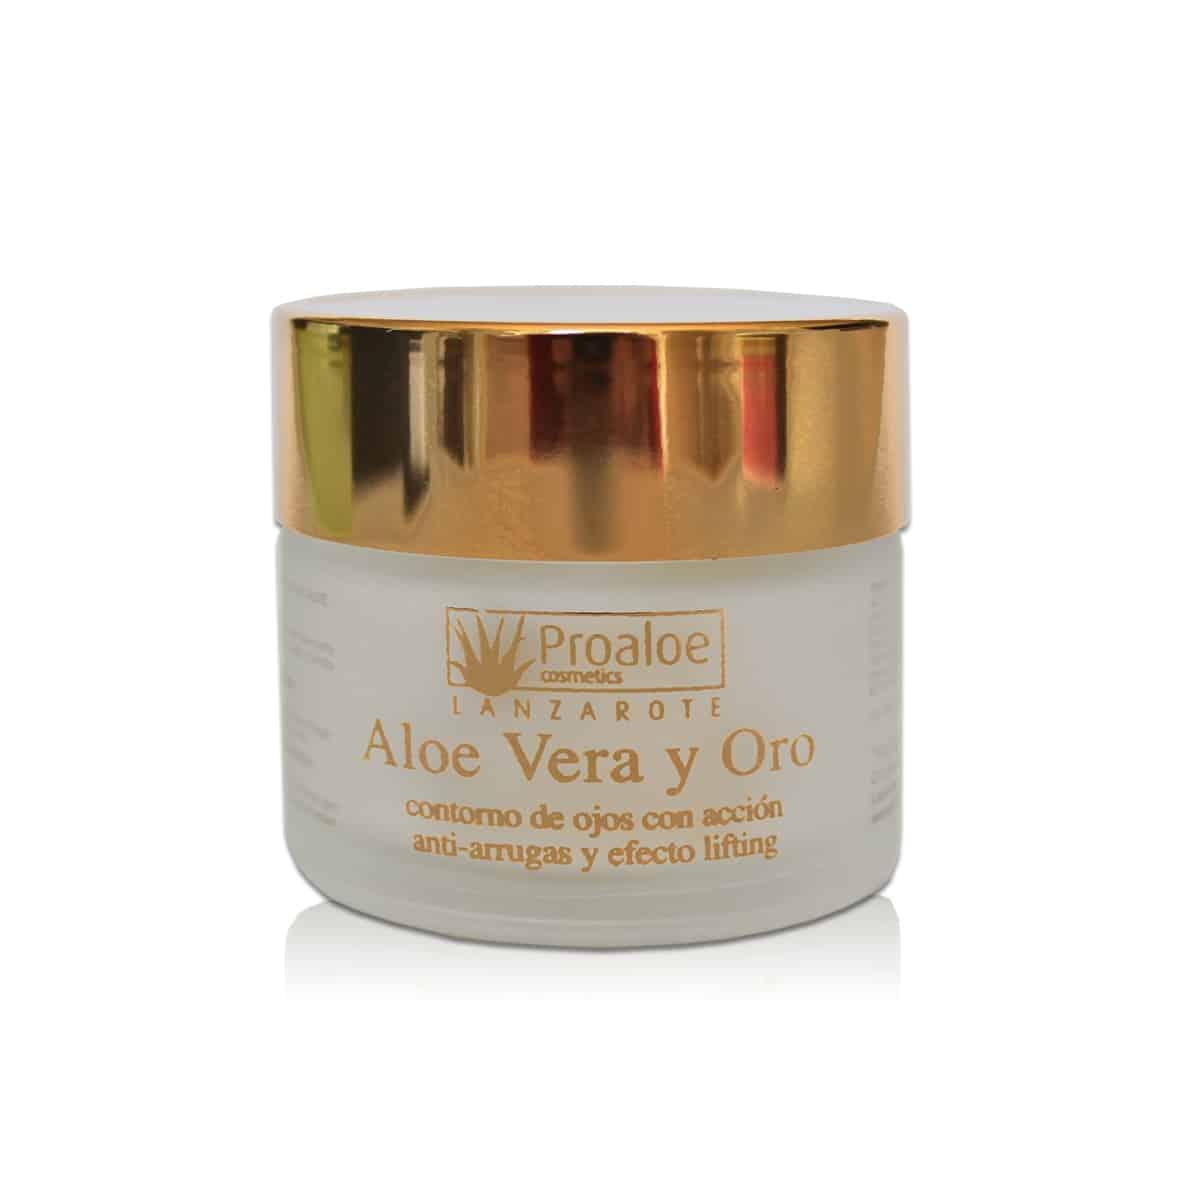 Aloe Vera y Oro